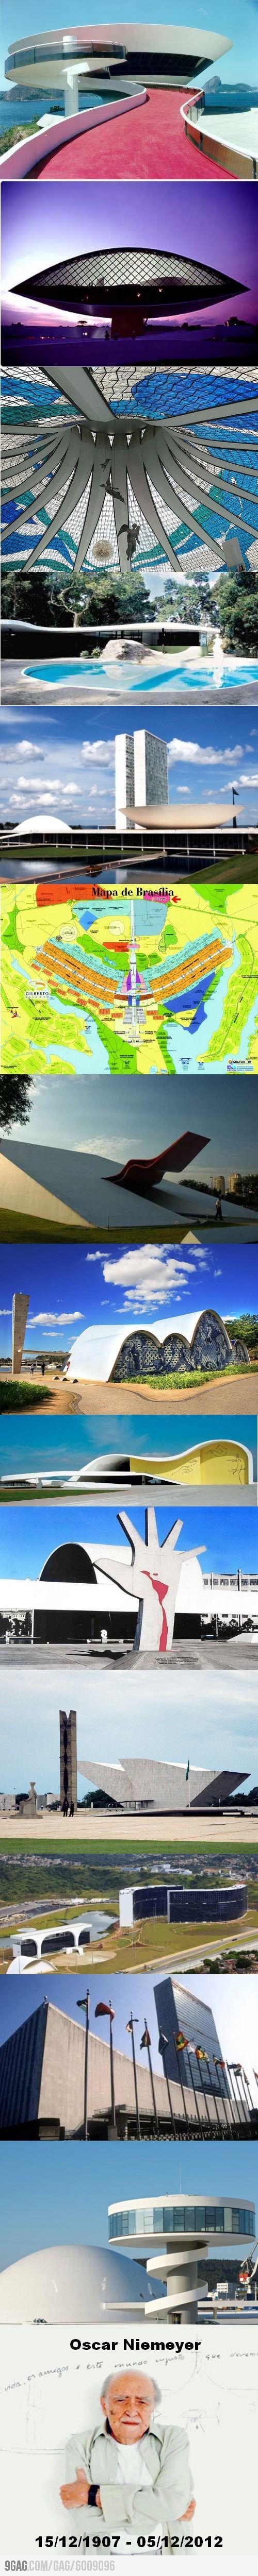 Oscar Niemeyer. Uno de los más grandes arquitectos del mundo. Símbolo de mi país, Brasil.